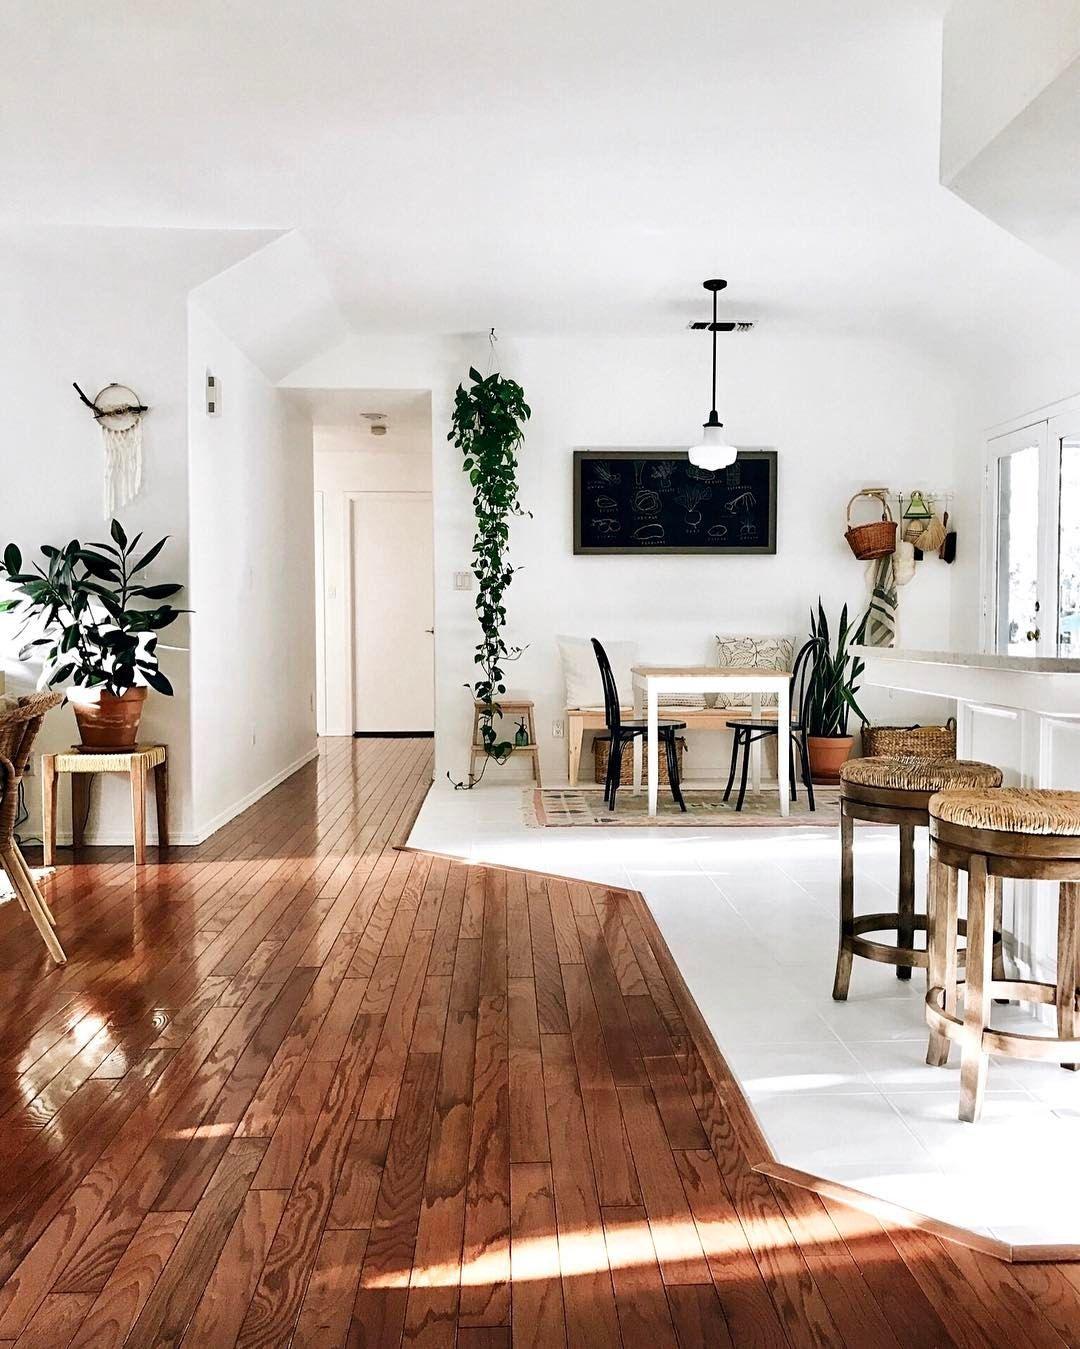 Sol Demarcation Cuisine Salon Magnifique Maison Deco